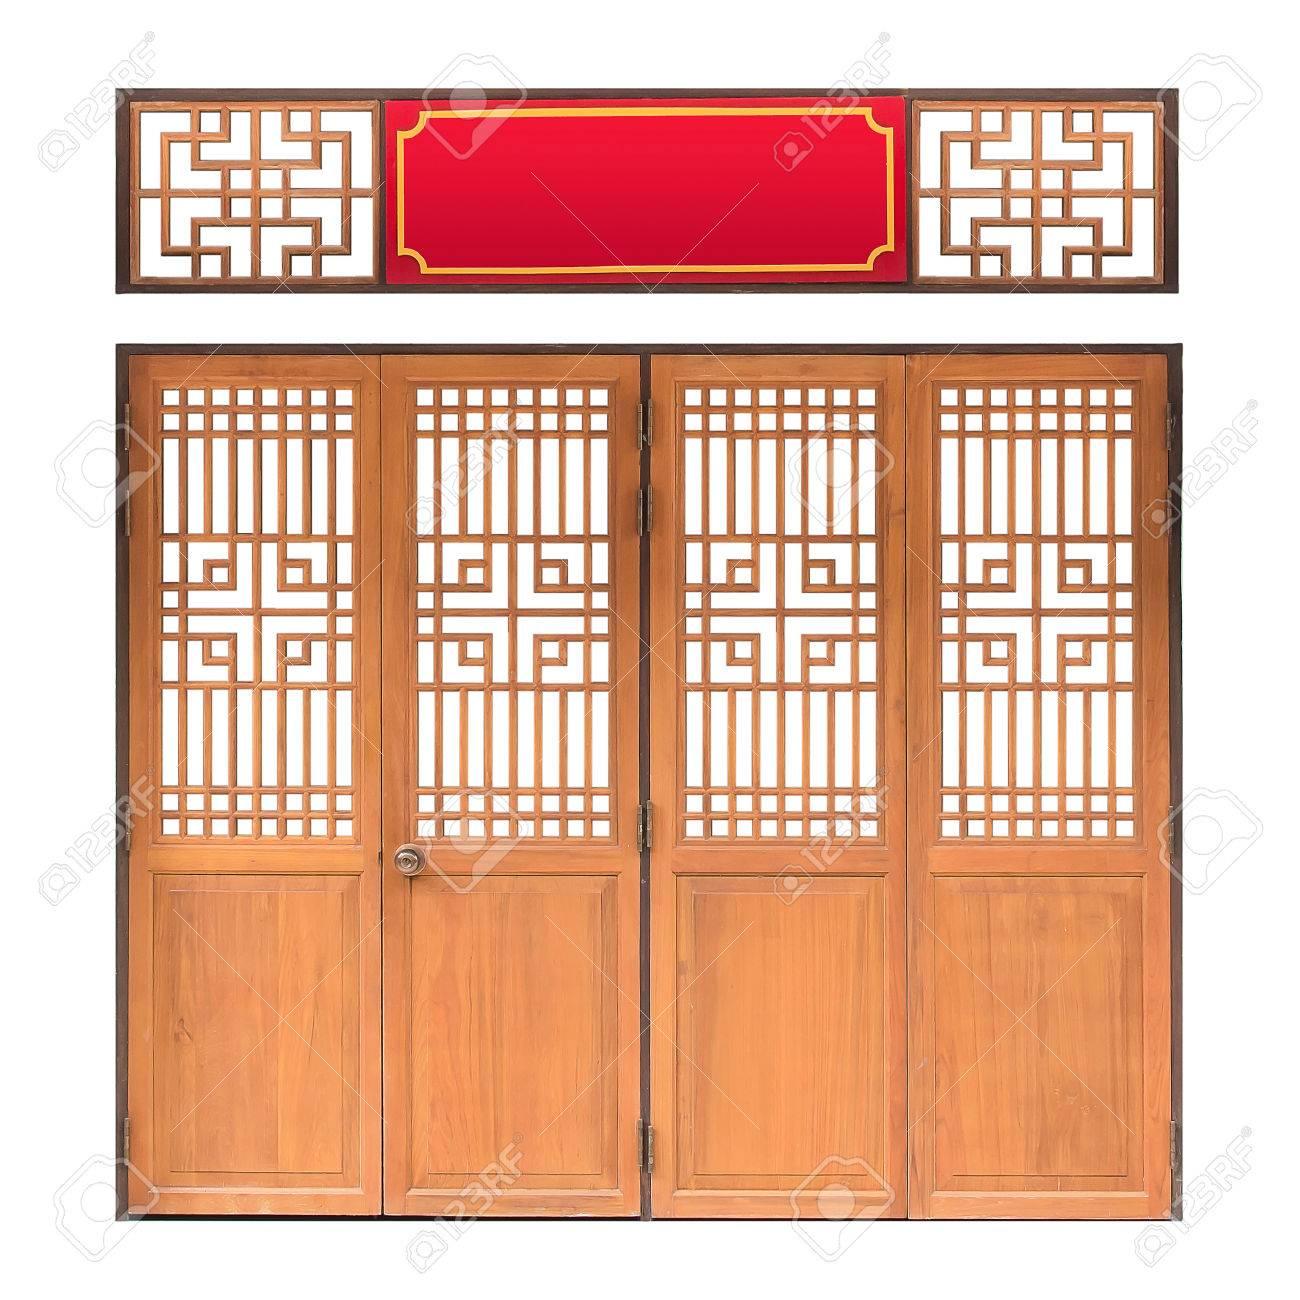 Ventana Tradicional De Asia Y El Patrón De La Puerta, Marco Rojo ...